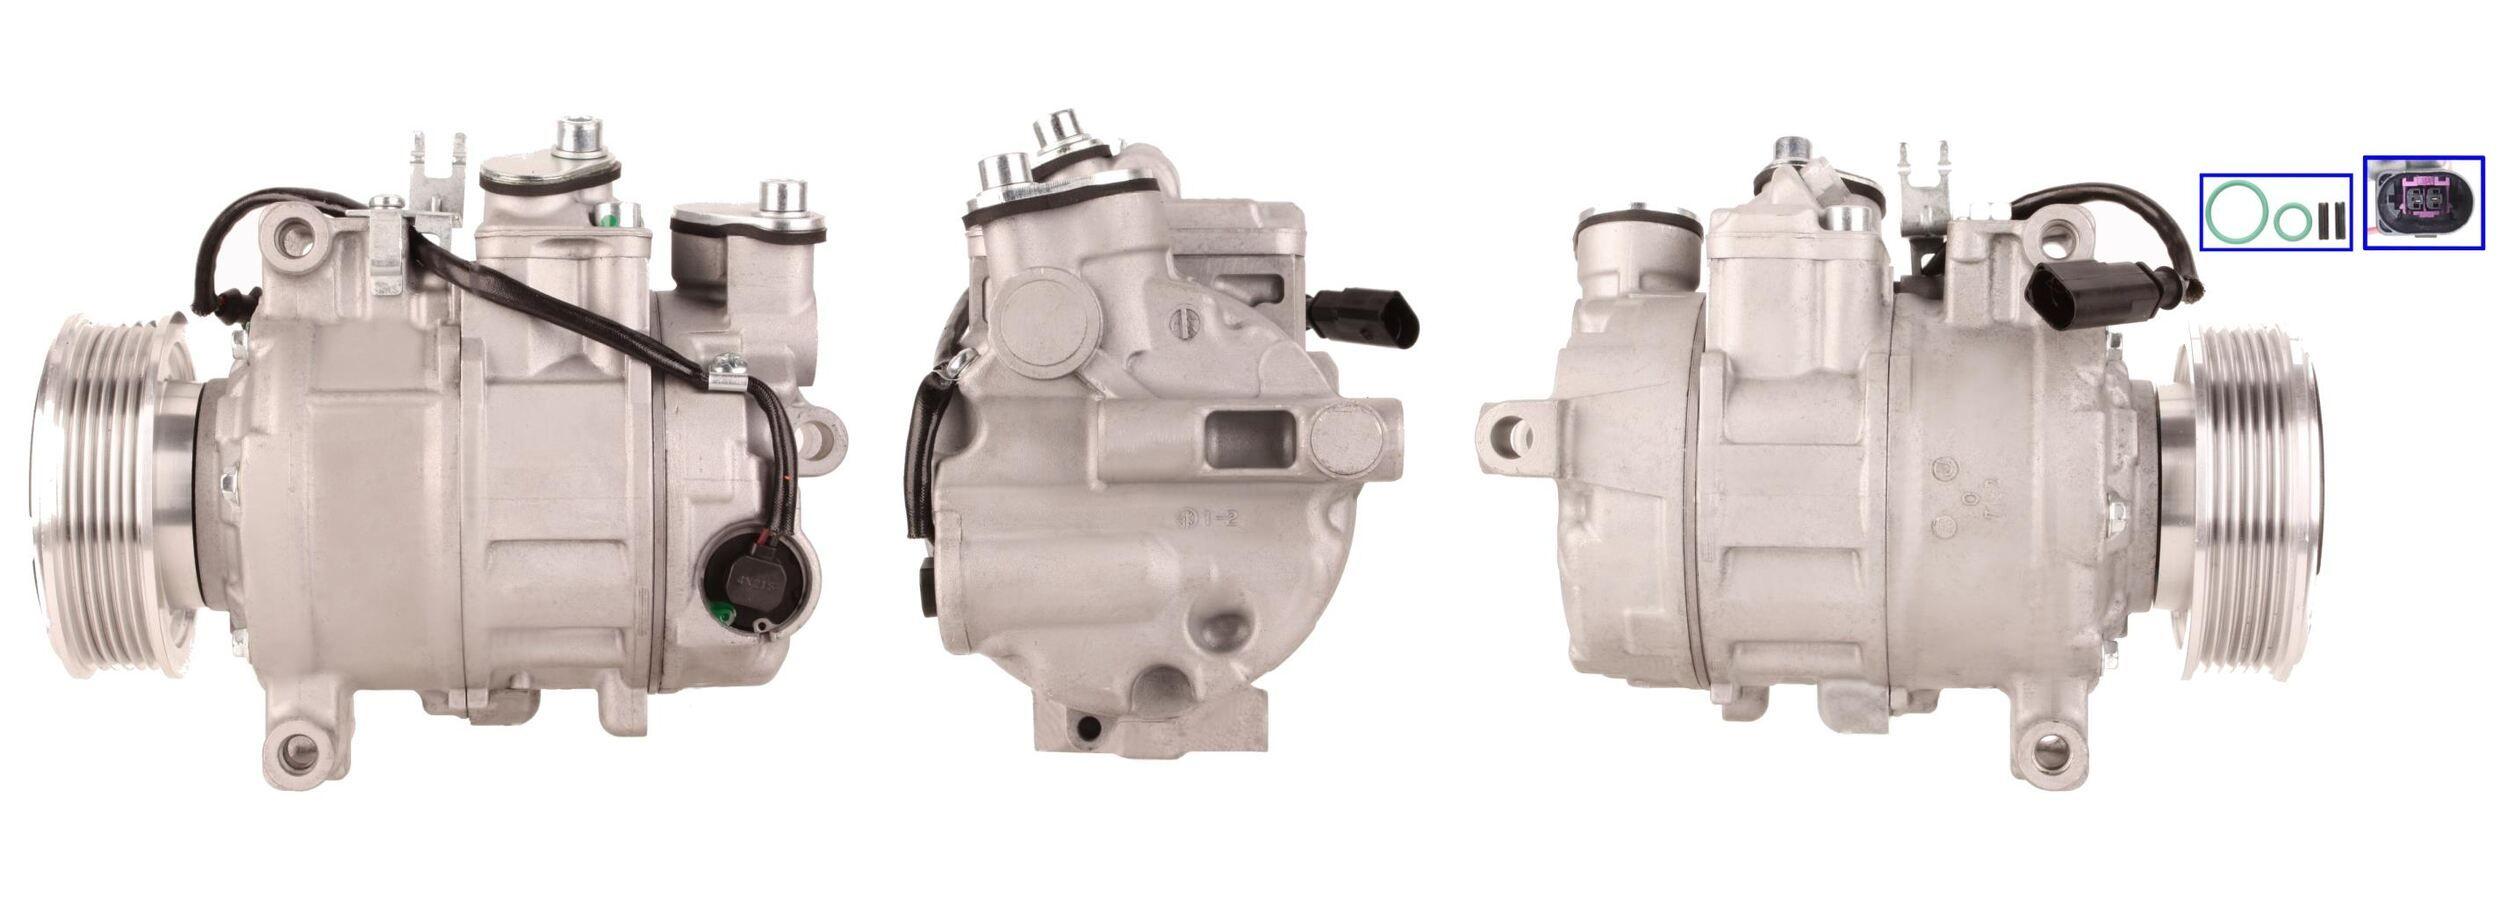 Original AUDI Kompressor 51-0133